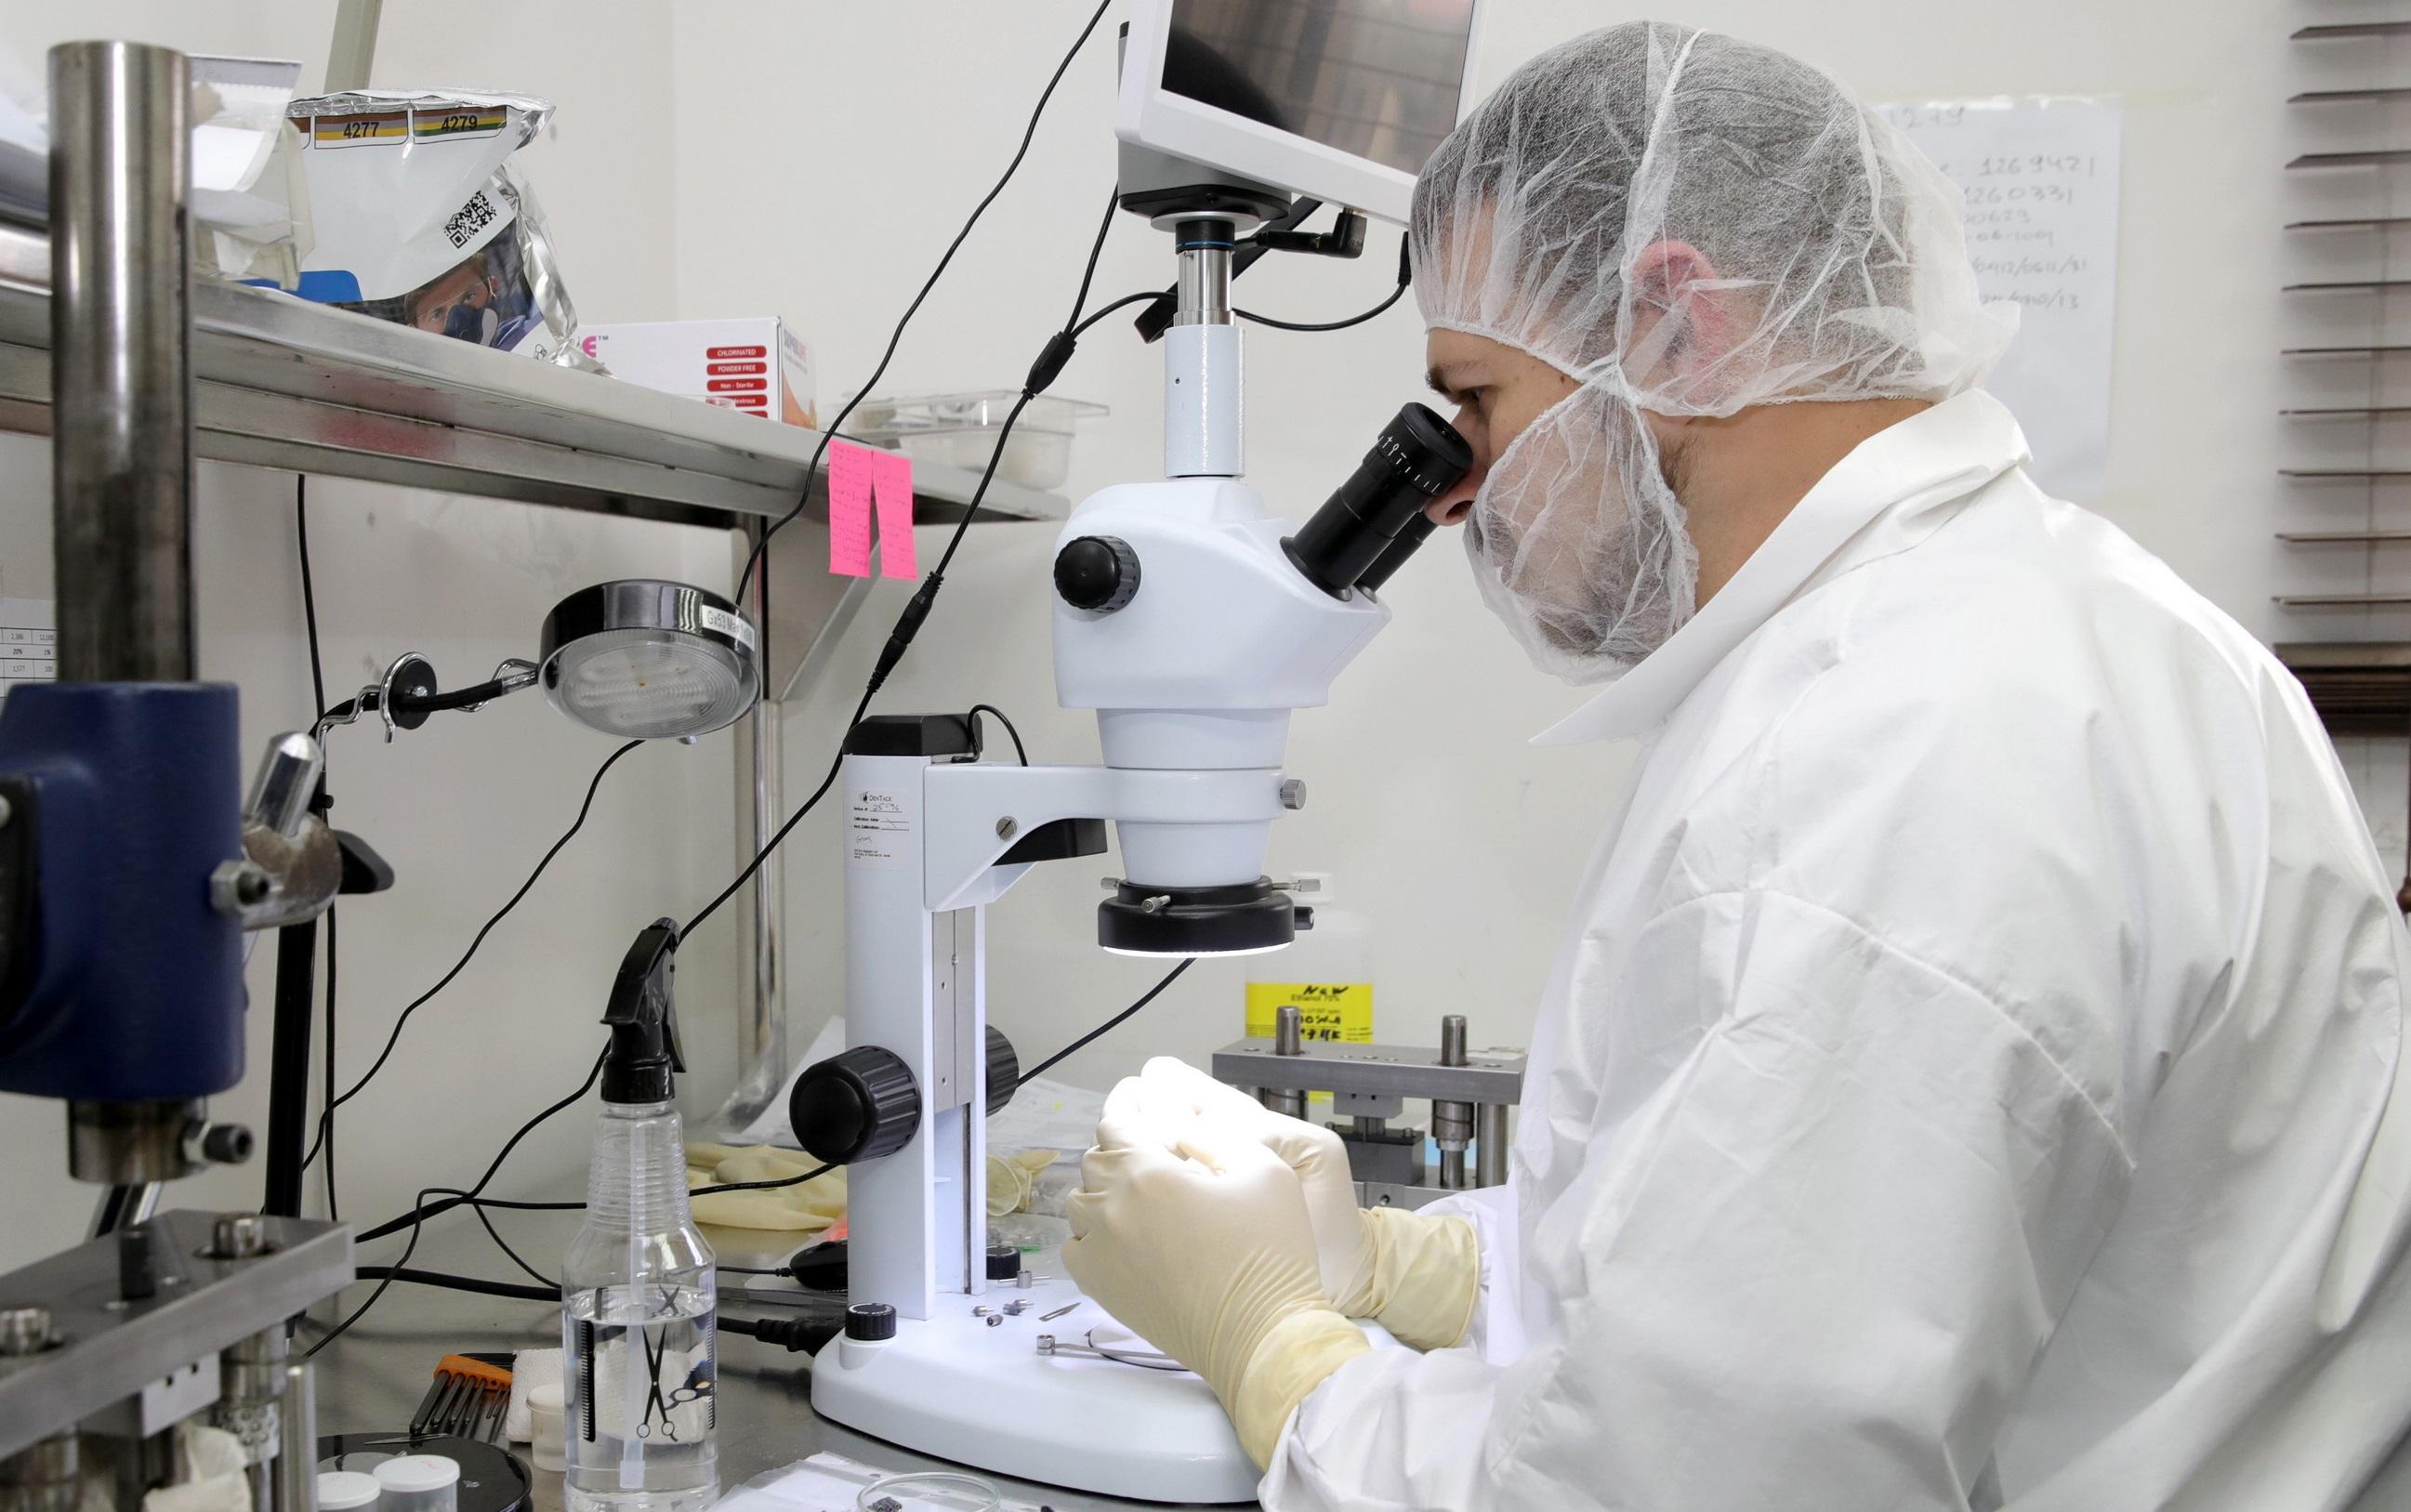 כמעט מדע בדיוני – תהליכי ייצור קפדניים של שתל אולטרה קצר (צילם: איציק בירן)